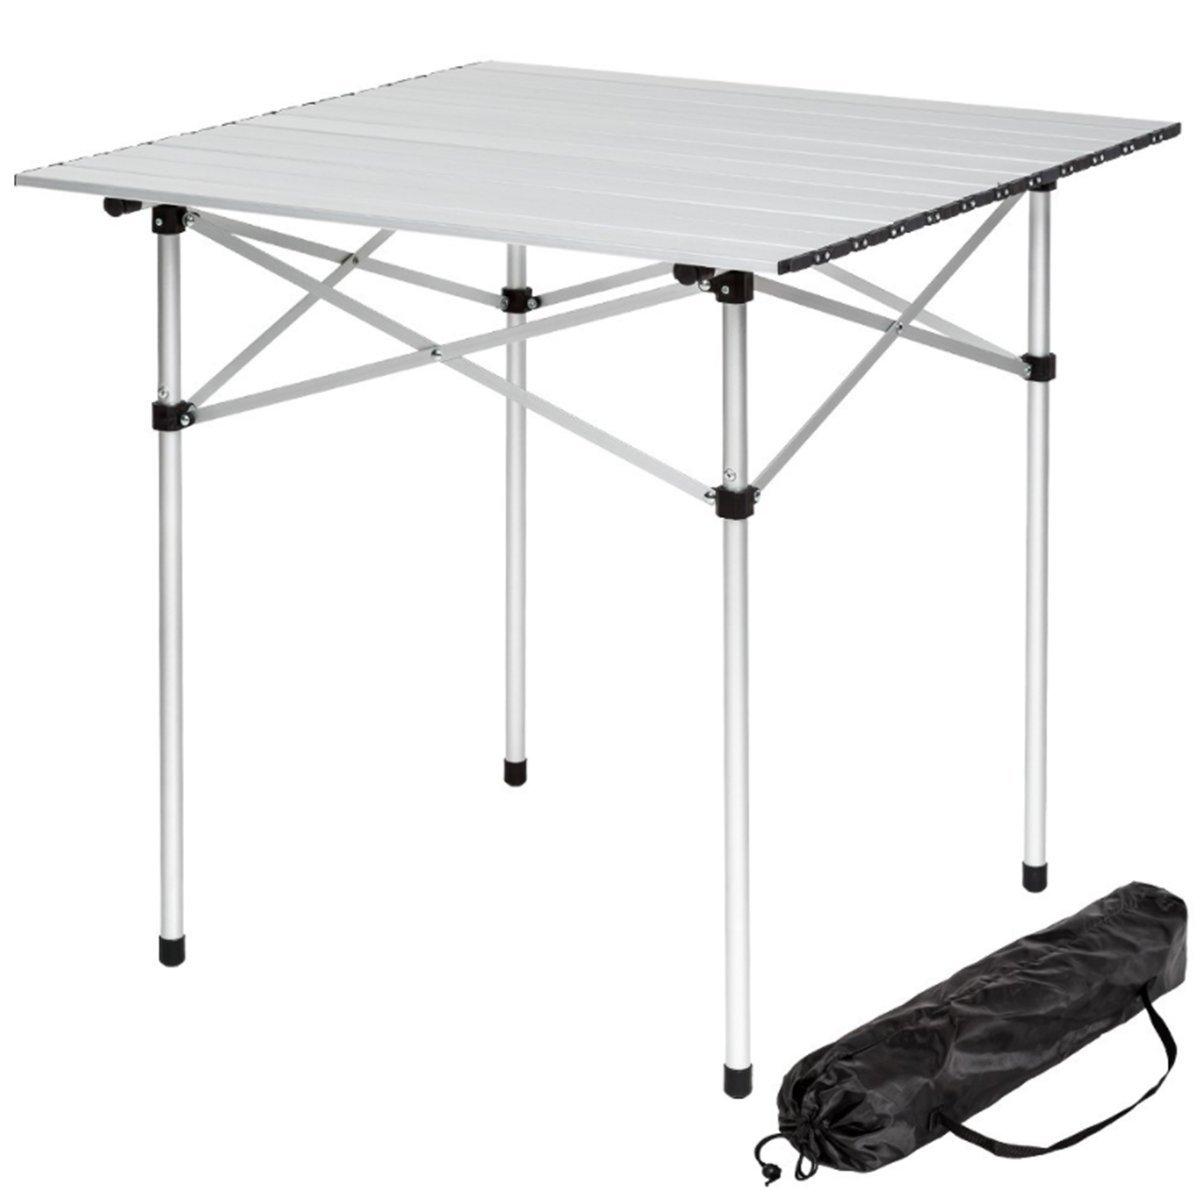 70/x 70/x 70/cm Table de camping portable en aluminium l/éger Roll Up Table pliante avec un sac pour Outdoor pique-nique Cuisine